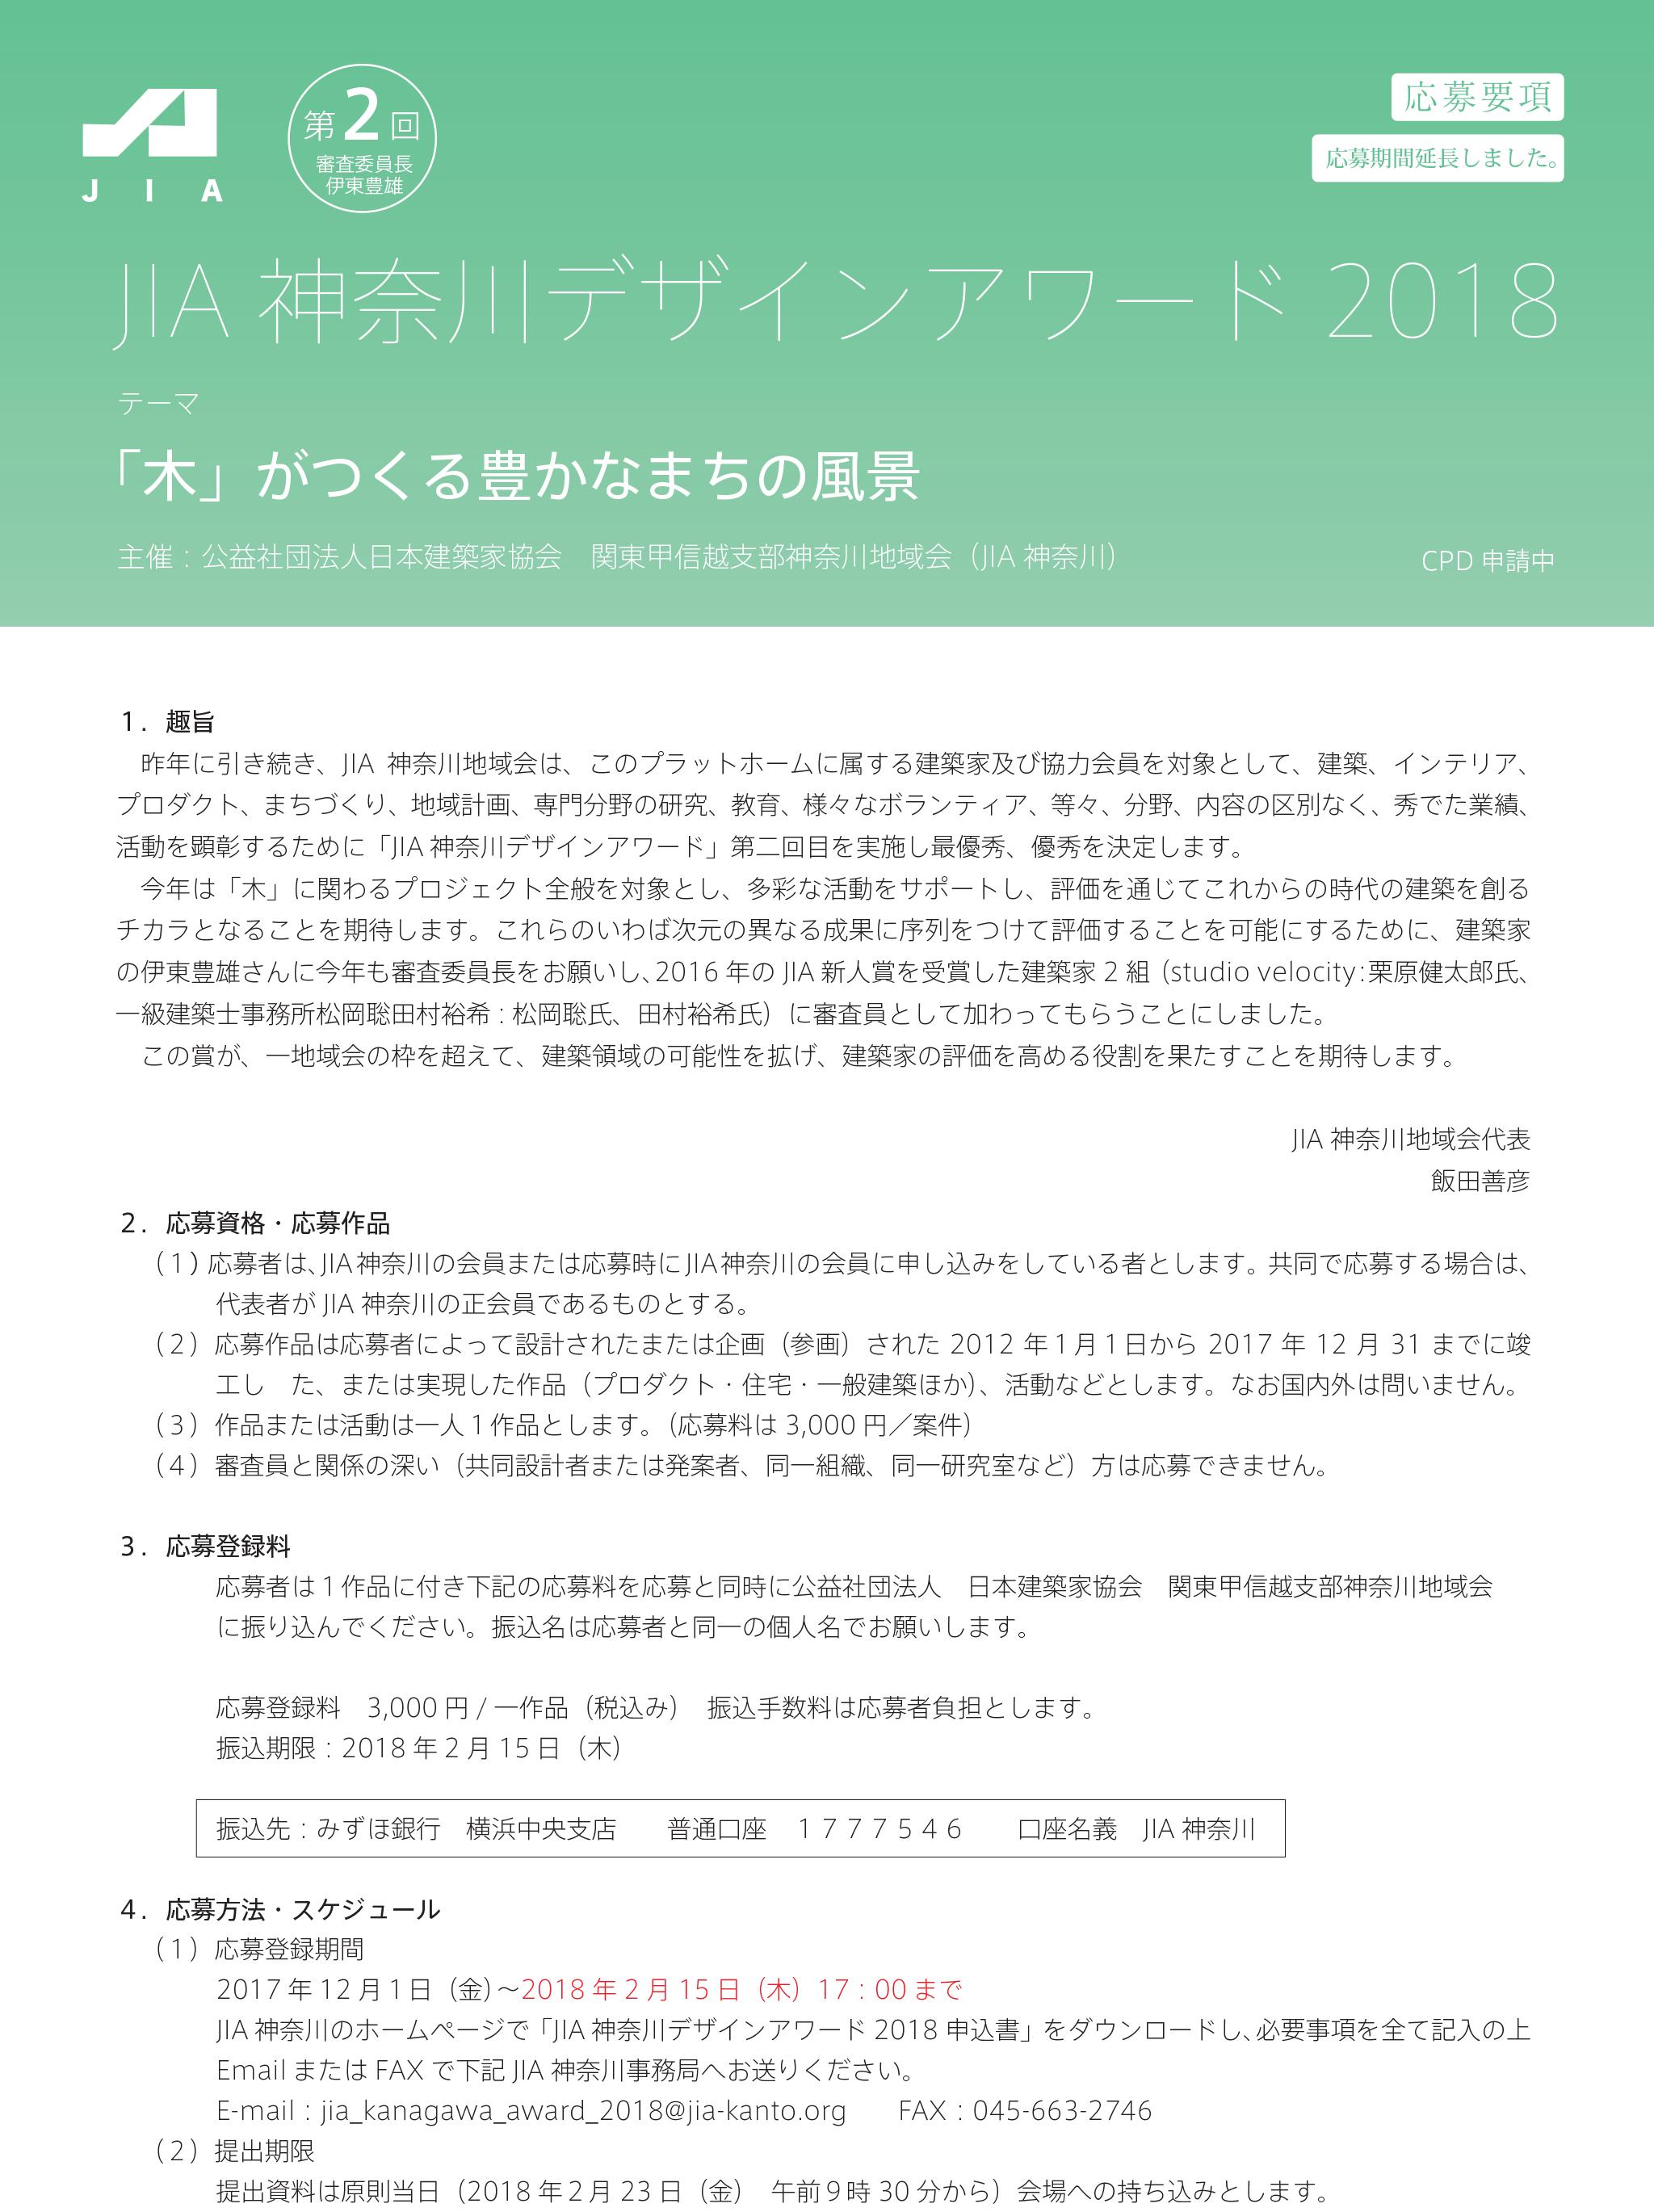 第2回JIA神奈川デザインアワード2018 公募中